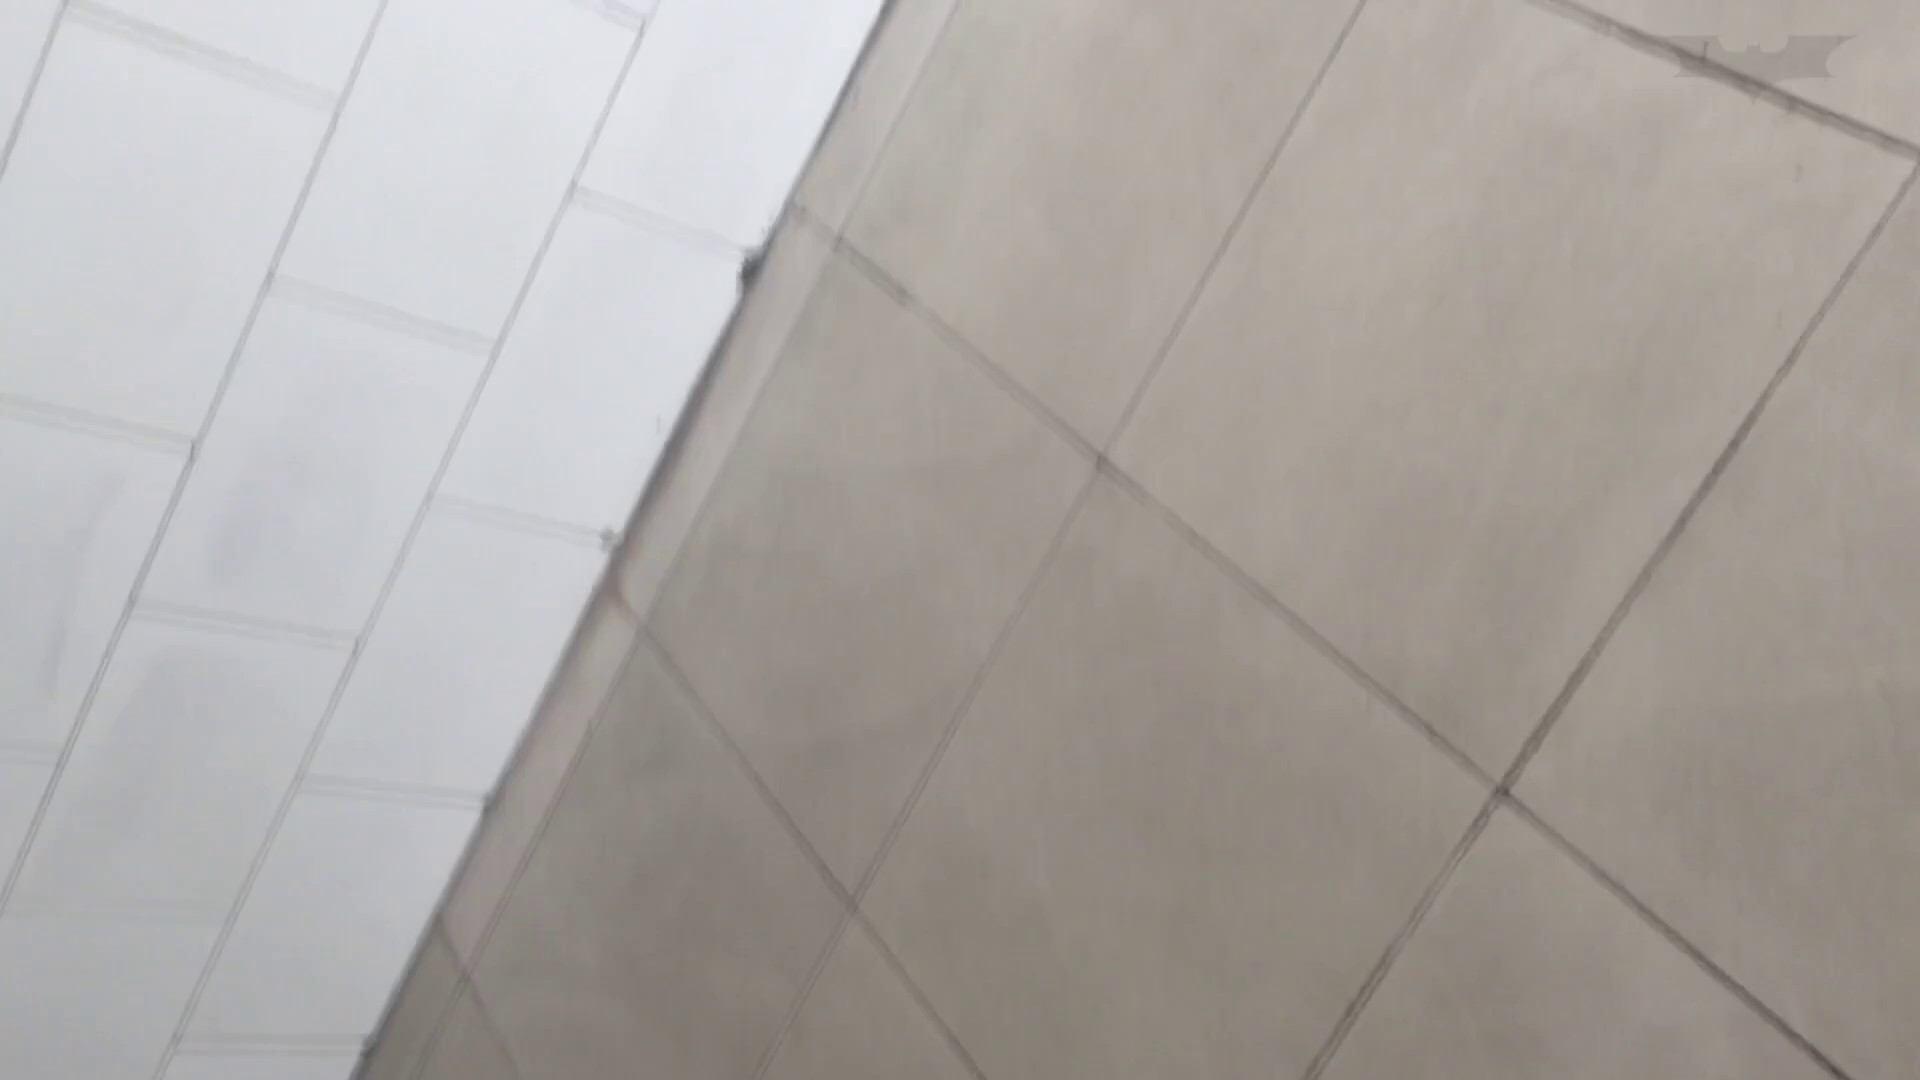 芸術大学ガチ潜入盗撮 JD盗撮 美女の洗面所の秘密 Vol.91 洗面所着替え | トイレ中  48連発 40